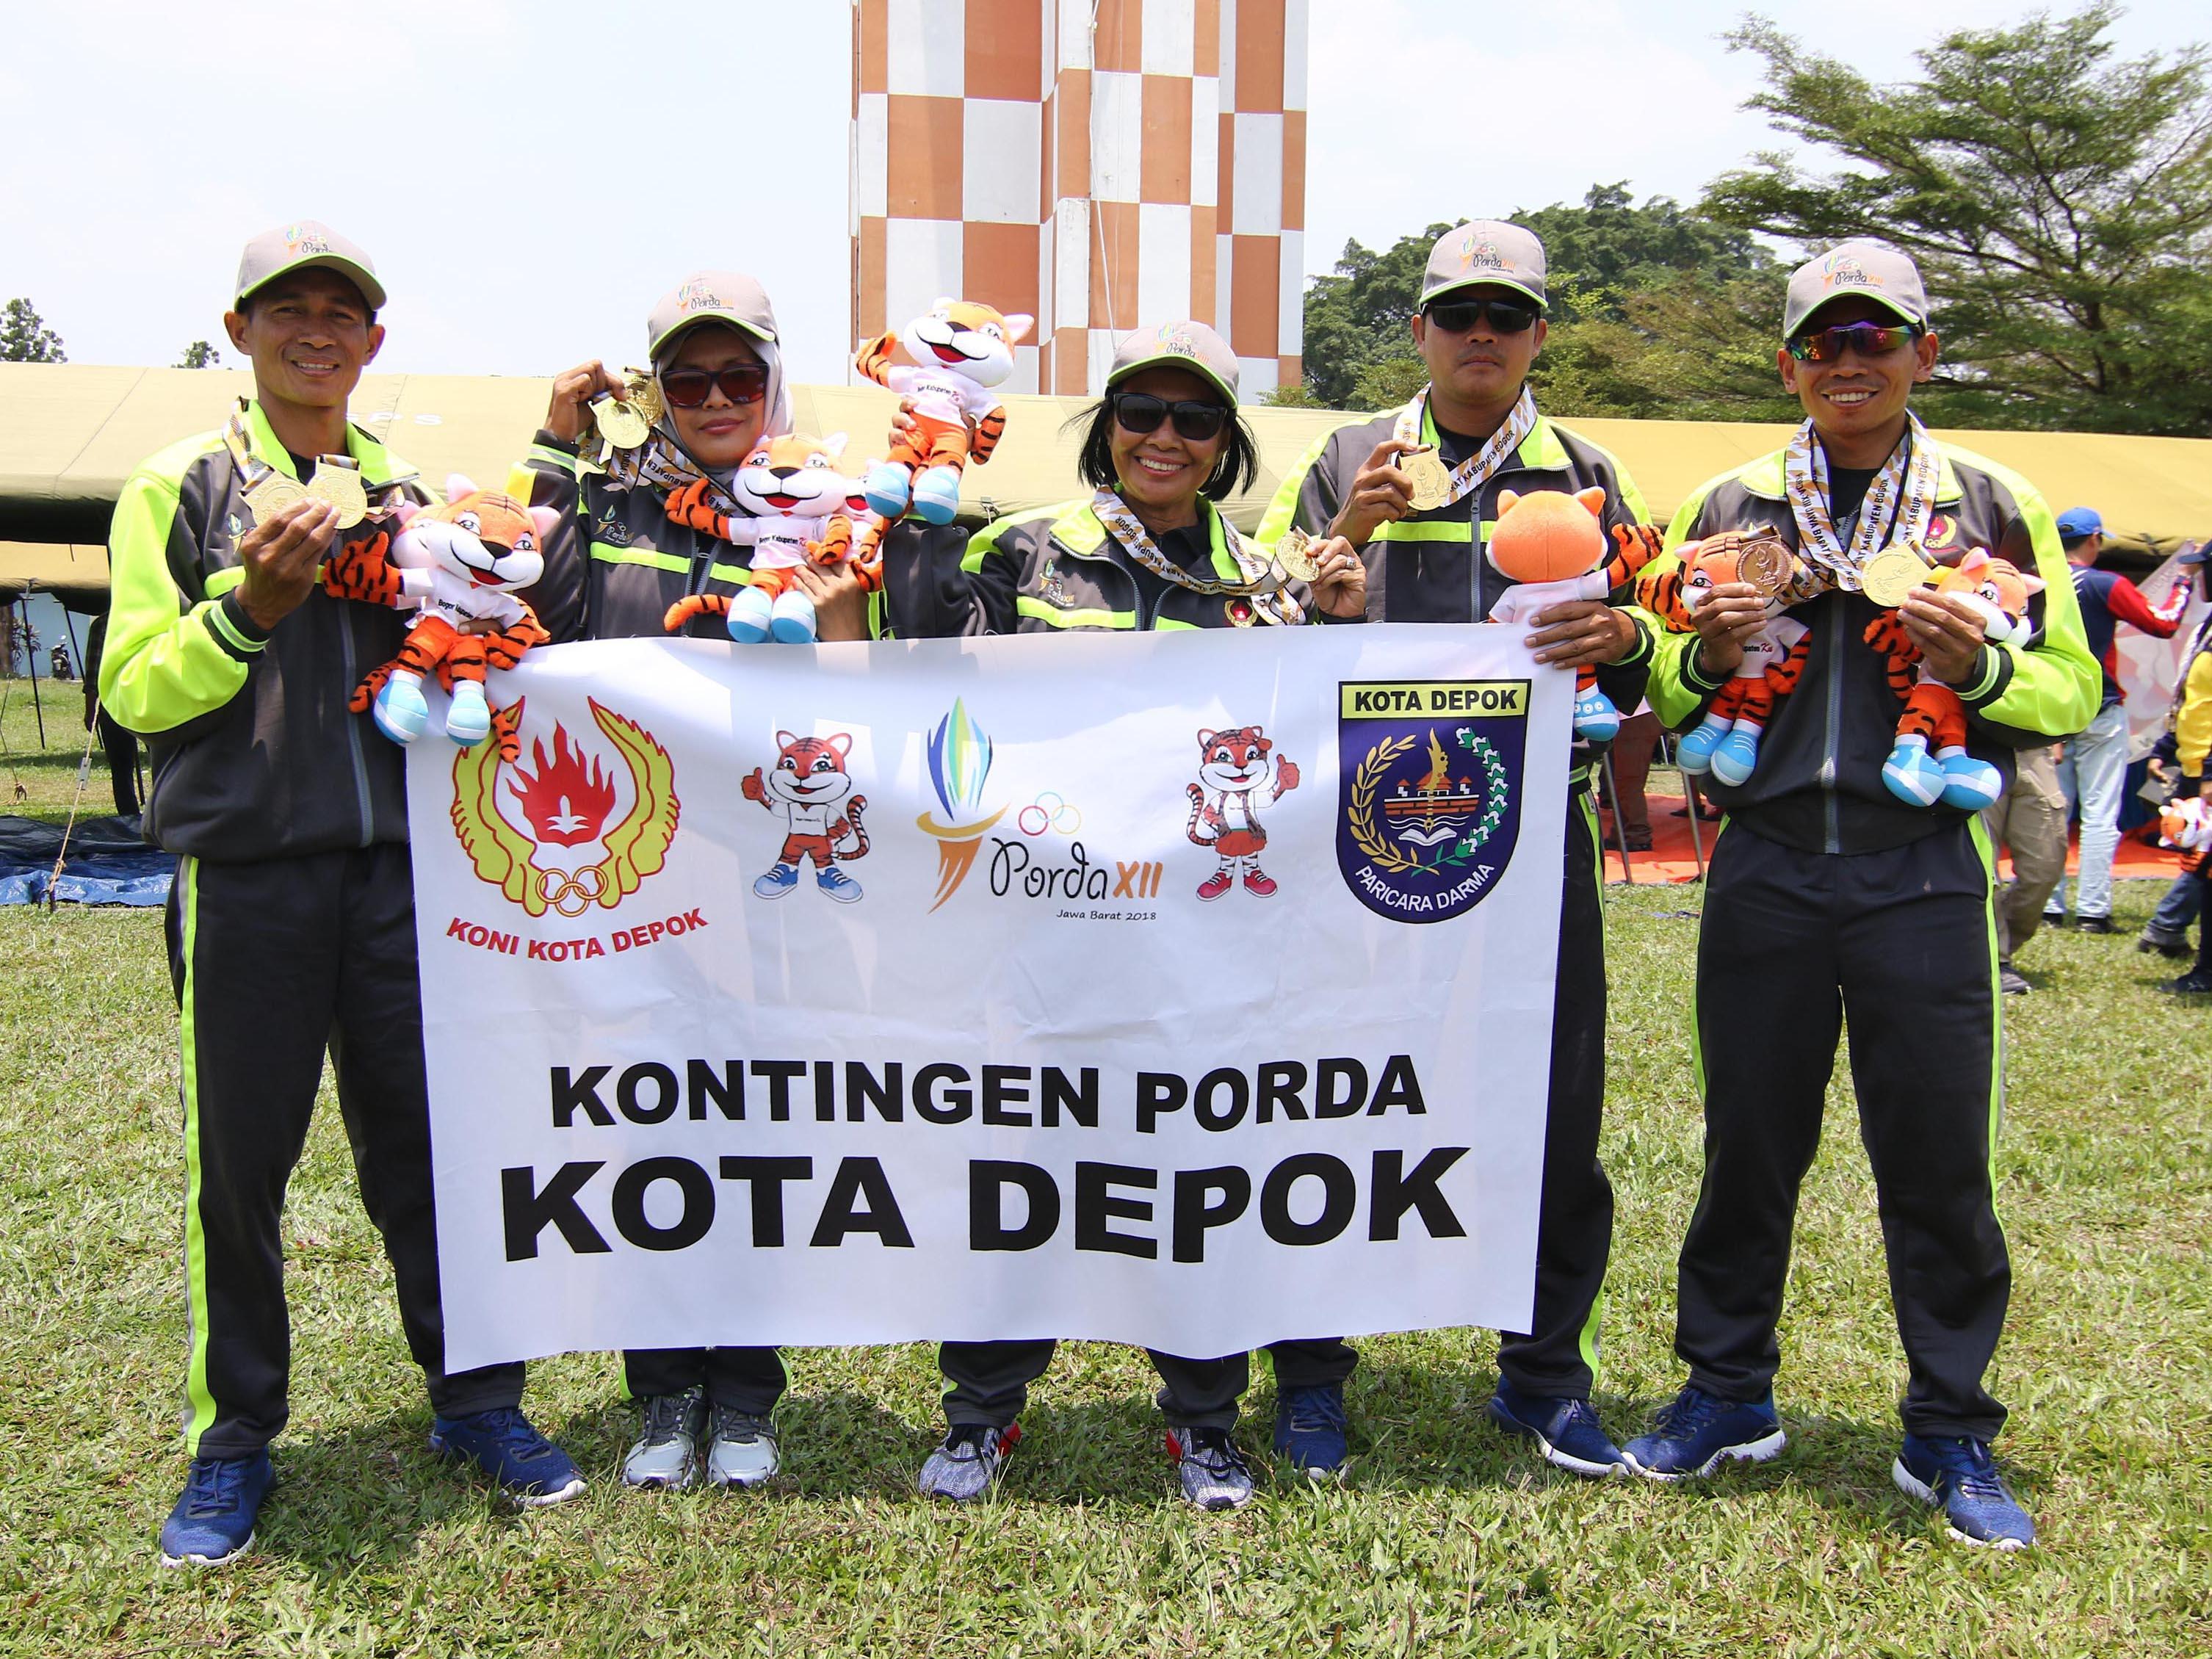 Para atlet Terjun Payung Kota Depok peraih medali, Ismail Doda (paling kanan), Pepen (kedua dari kanan), Dede (tengah), Tuti (kedua dari kiri) dan Arwis (paling kiri) berfoto bersama di Lanud. Atang Sendjaja usai penyerahan medali PORDA Jabar XIII-2018 di Lanud. Atang Sendjaja, Semplak, Bogor, Sabtu (29/9) siang.. Kota Depok berhasil meraih 4 emas di nomor Ketepatan Mendarat beregu dan perorangan putra putri dan 1 perunggu di nomor Ketepatan Medarat Perorangan Putra. KONI KOTA DEPOK/Faruqi/2018 KONI KOTA DEPOK/Faruqi/2018